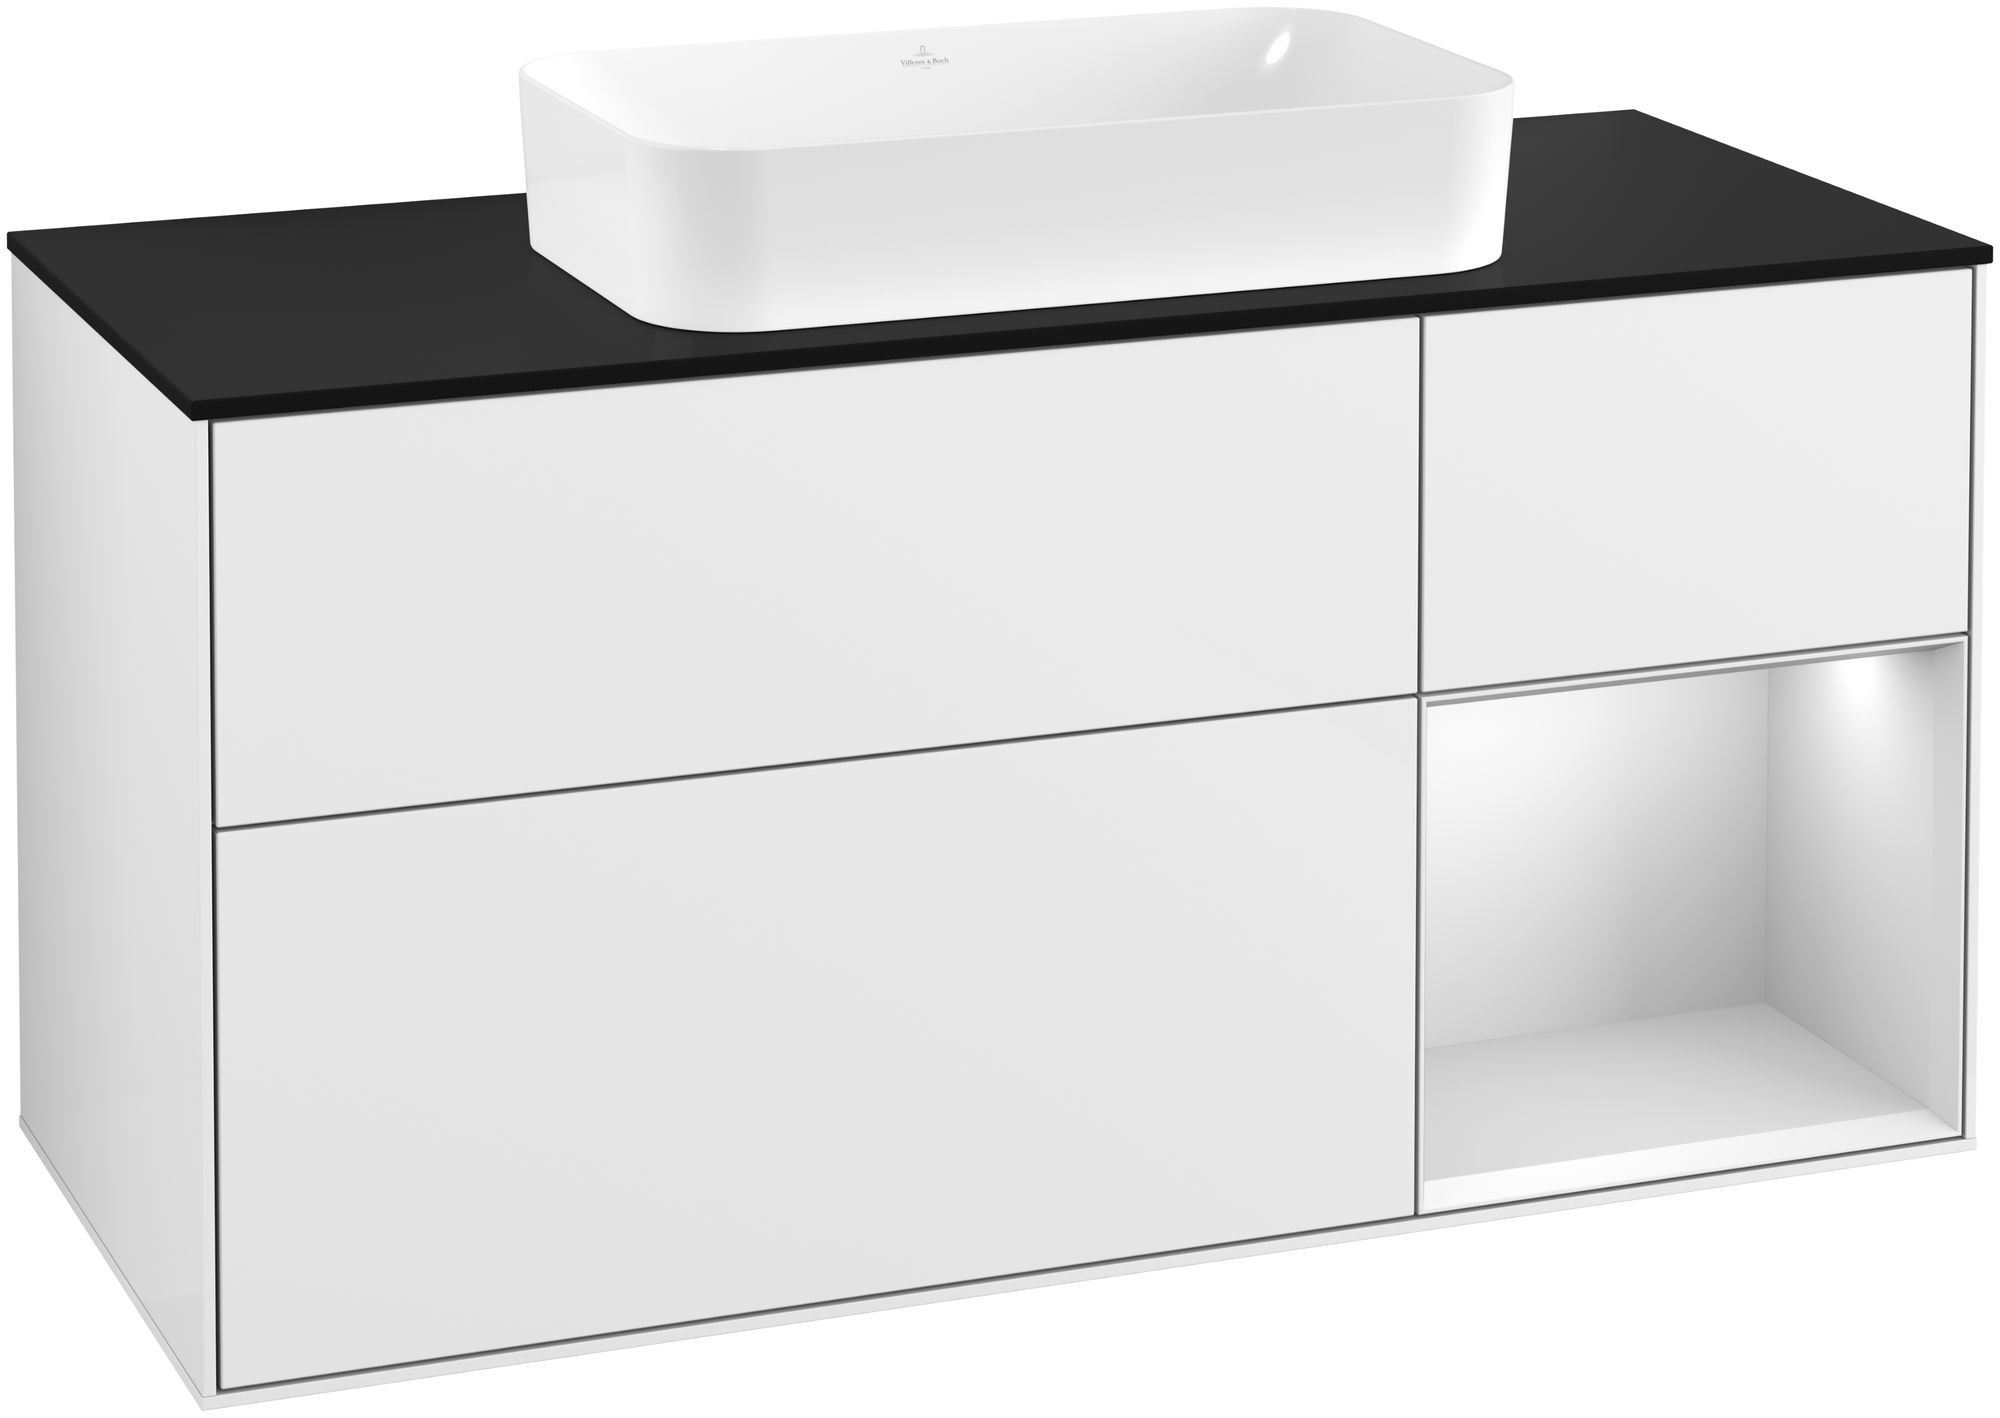 Villeroy & Boch Finion F30 Waschtischunterschrank mit Regalelement 3 Auszüge Waschtisch mittig LED-Beleuchtung B:120xH:60,3xT:50,1cm Front, Korpus: Glossy White Lack, Regal: Weiß Matt Soft Grey, Glasplatte: Black Matt F302MTGF